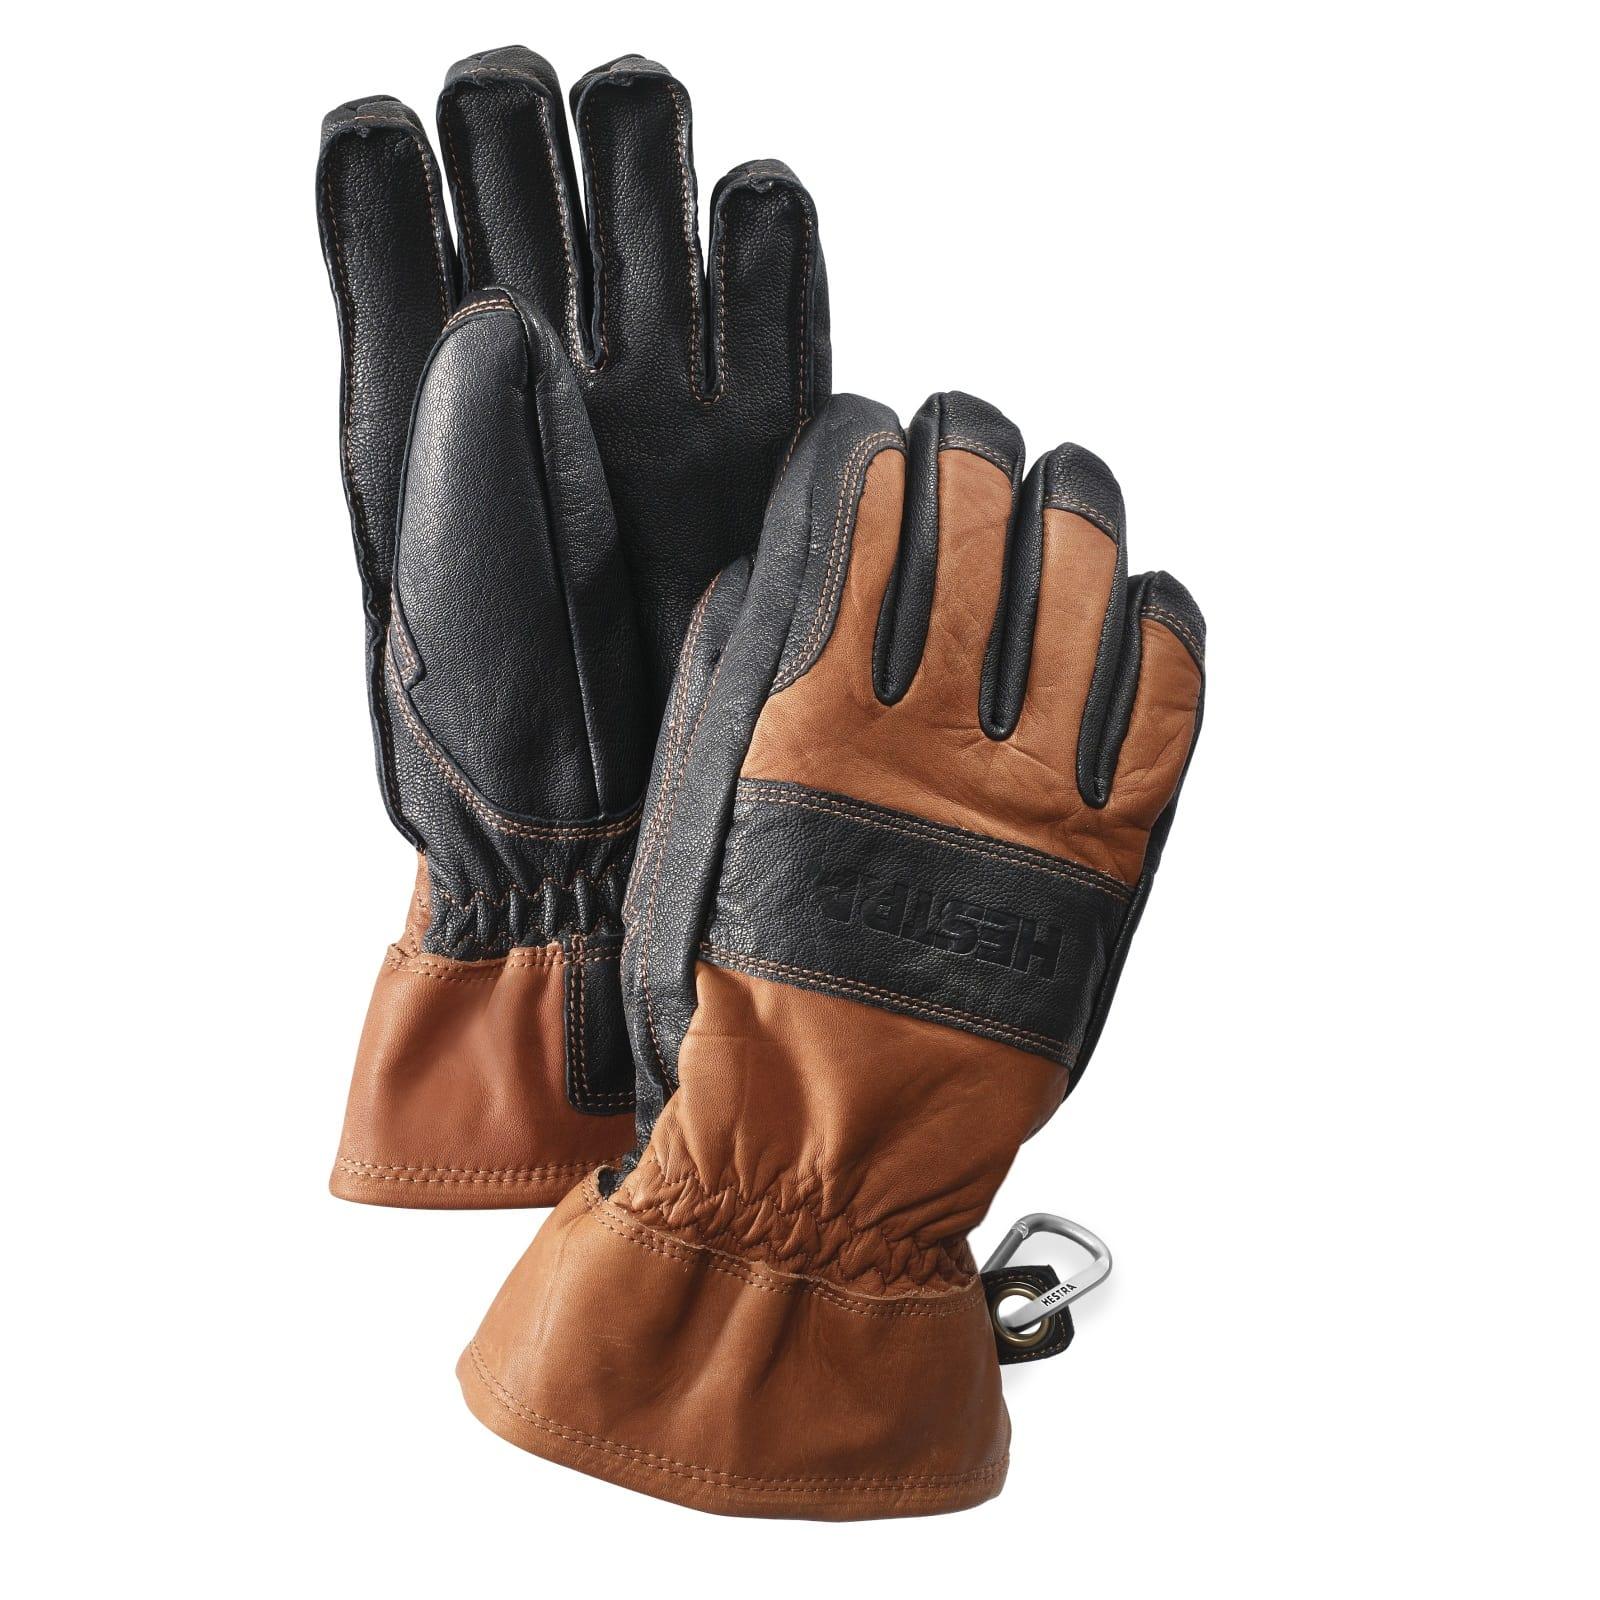 48c44091405813 Kauf Hestra Fält Guide Glove - 5 Finger bei Outnorth